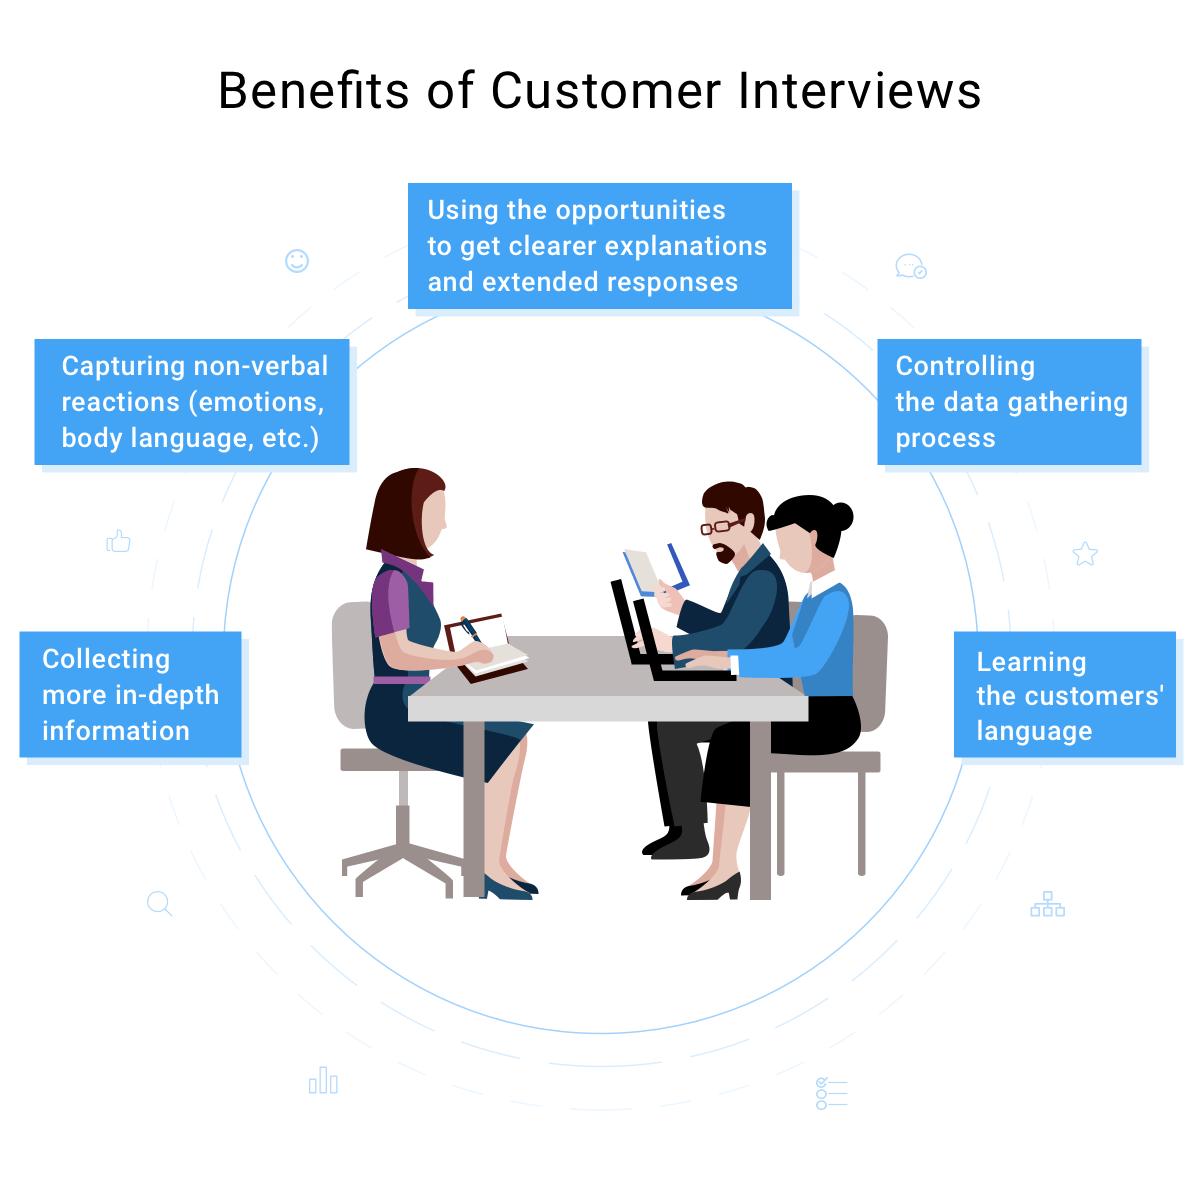 فواید مصاحبه با مشتری در توسعه مشتری